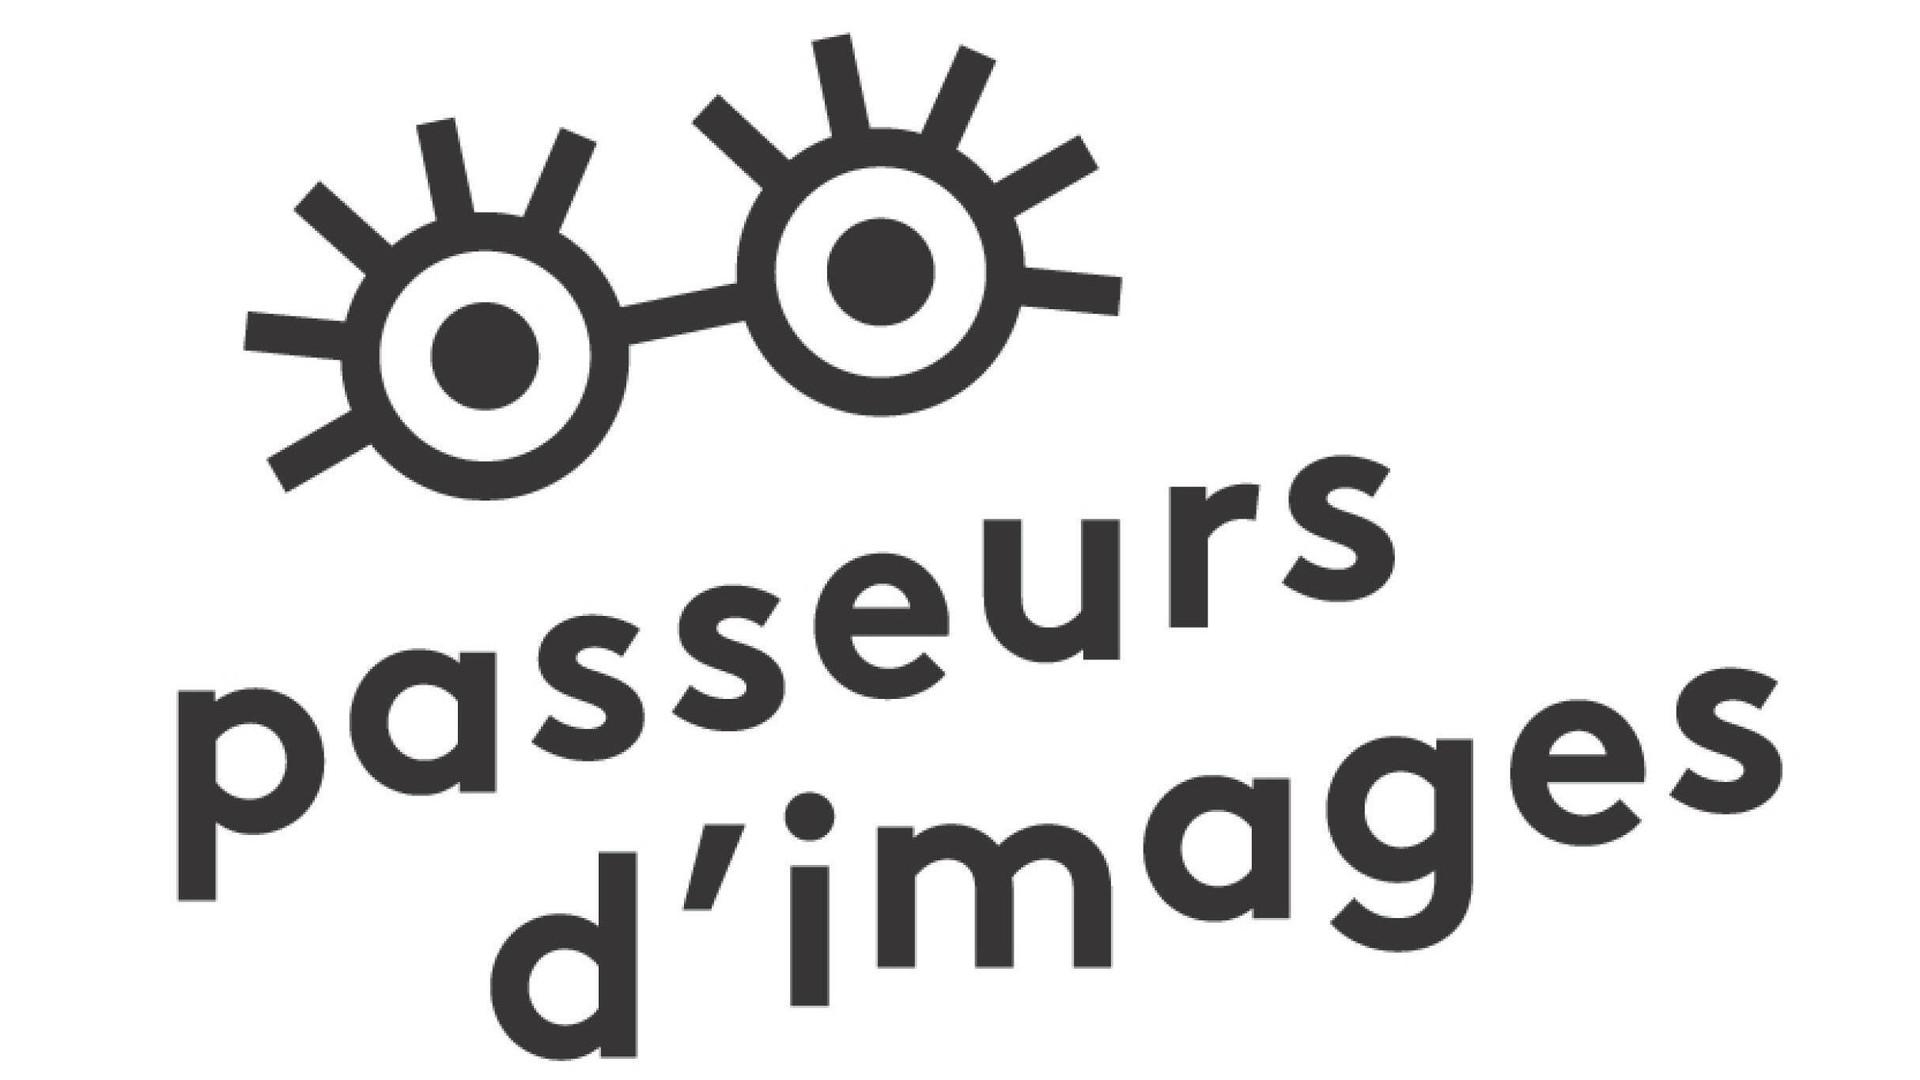 https://www.normandieimages.fr/education/passeurs-d-images